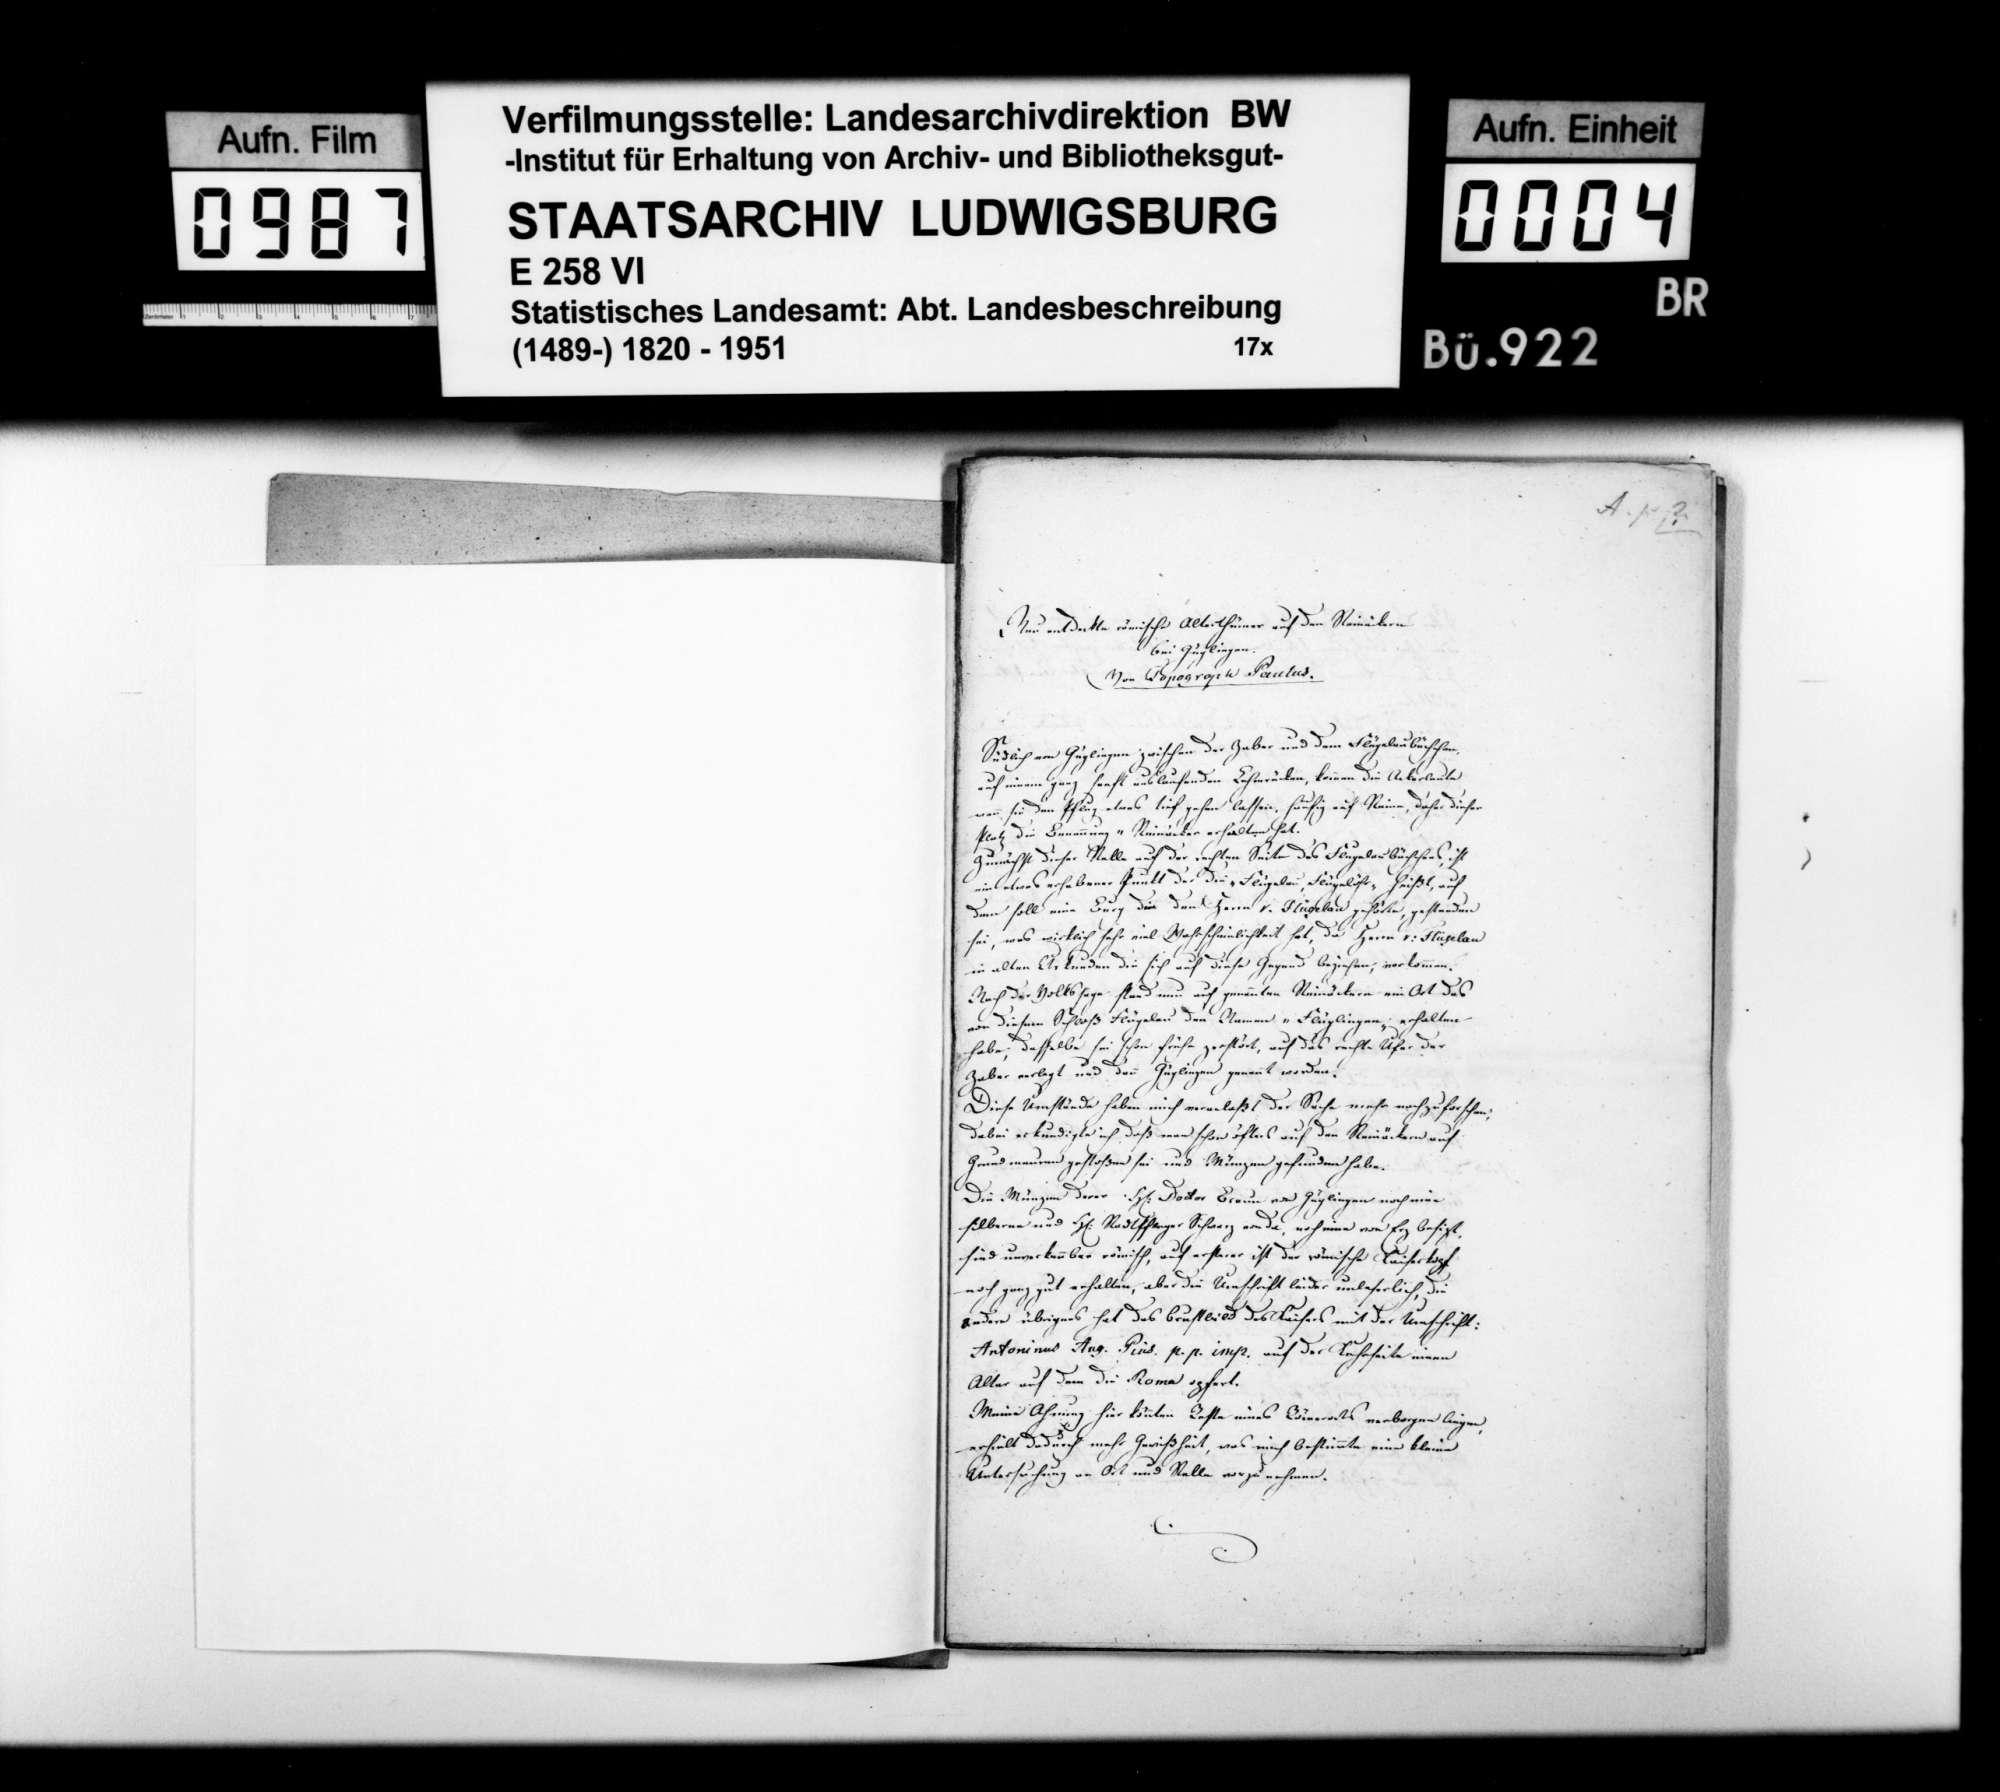 Mitteilungen des Topographen [Karl Eduard] Paulus über entdeckte Altertümer im Bezirk, Bild 3